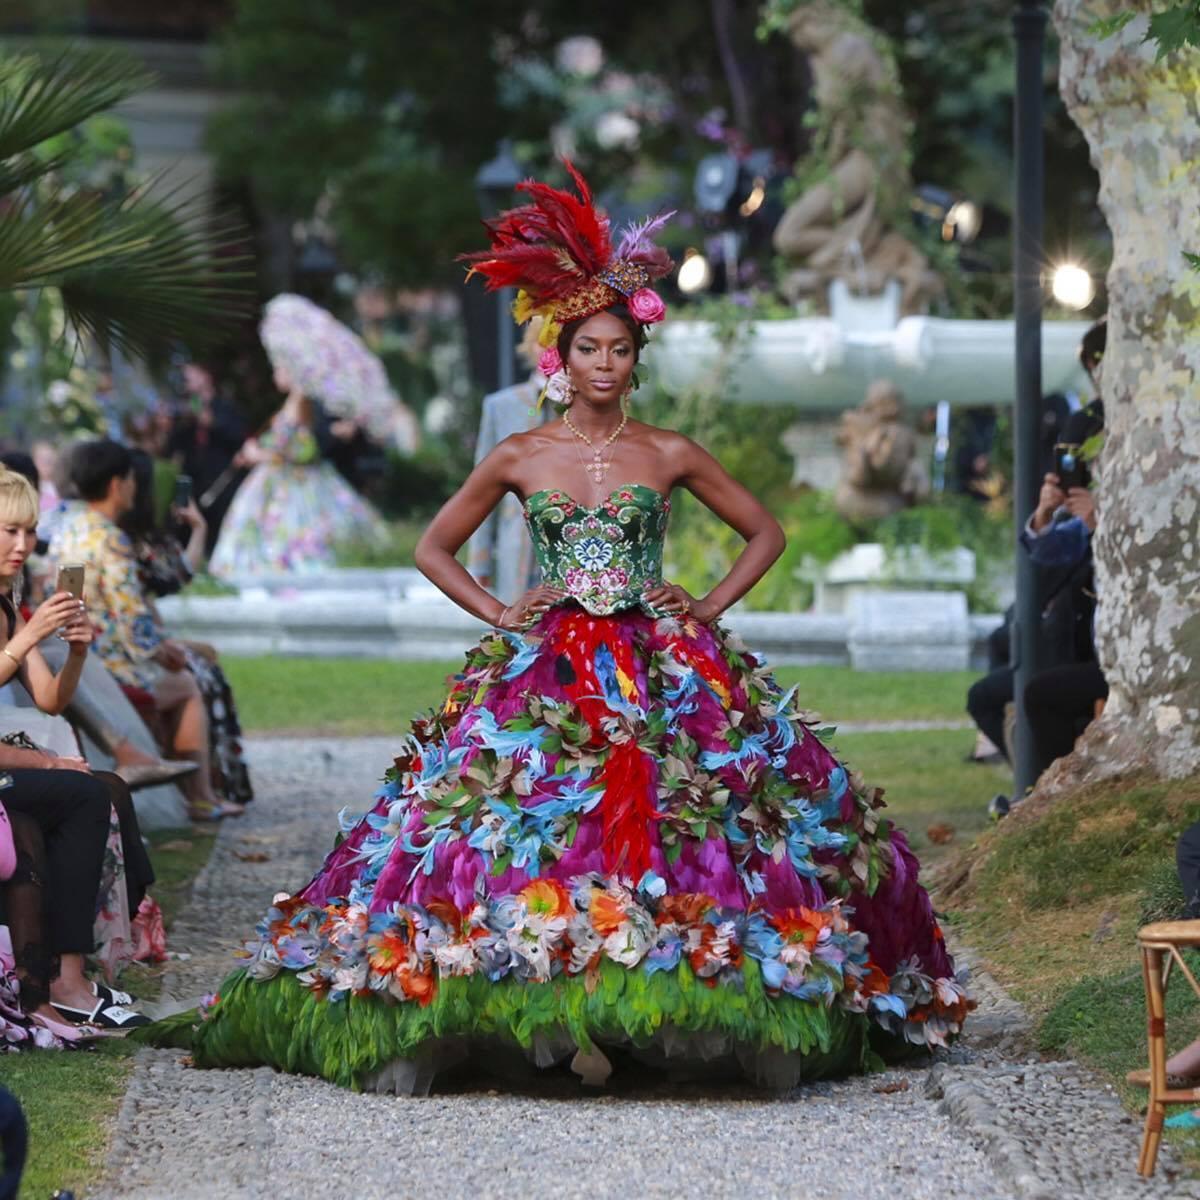 Extravagant Alta Moda Show By Dolce & Gabbana Near Lake O